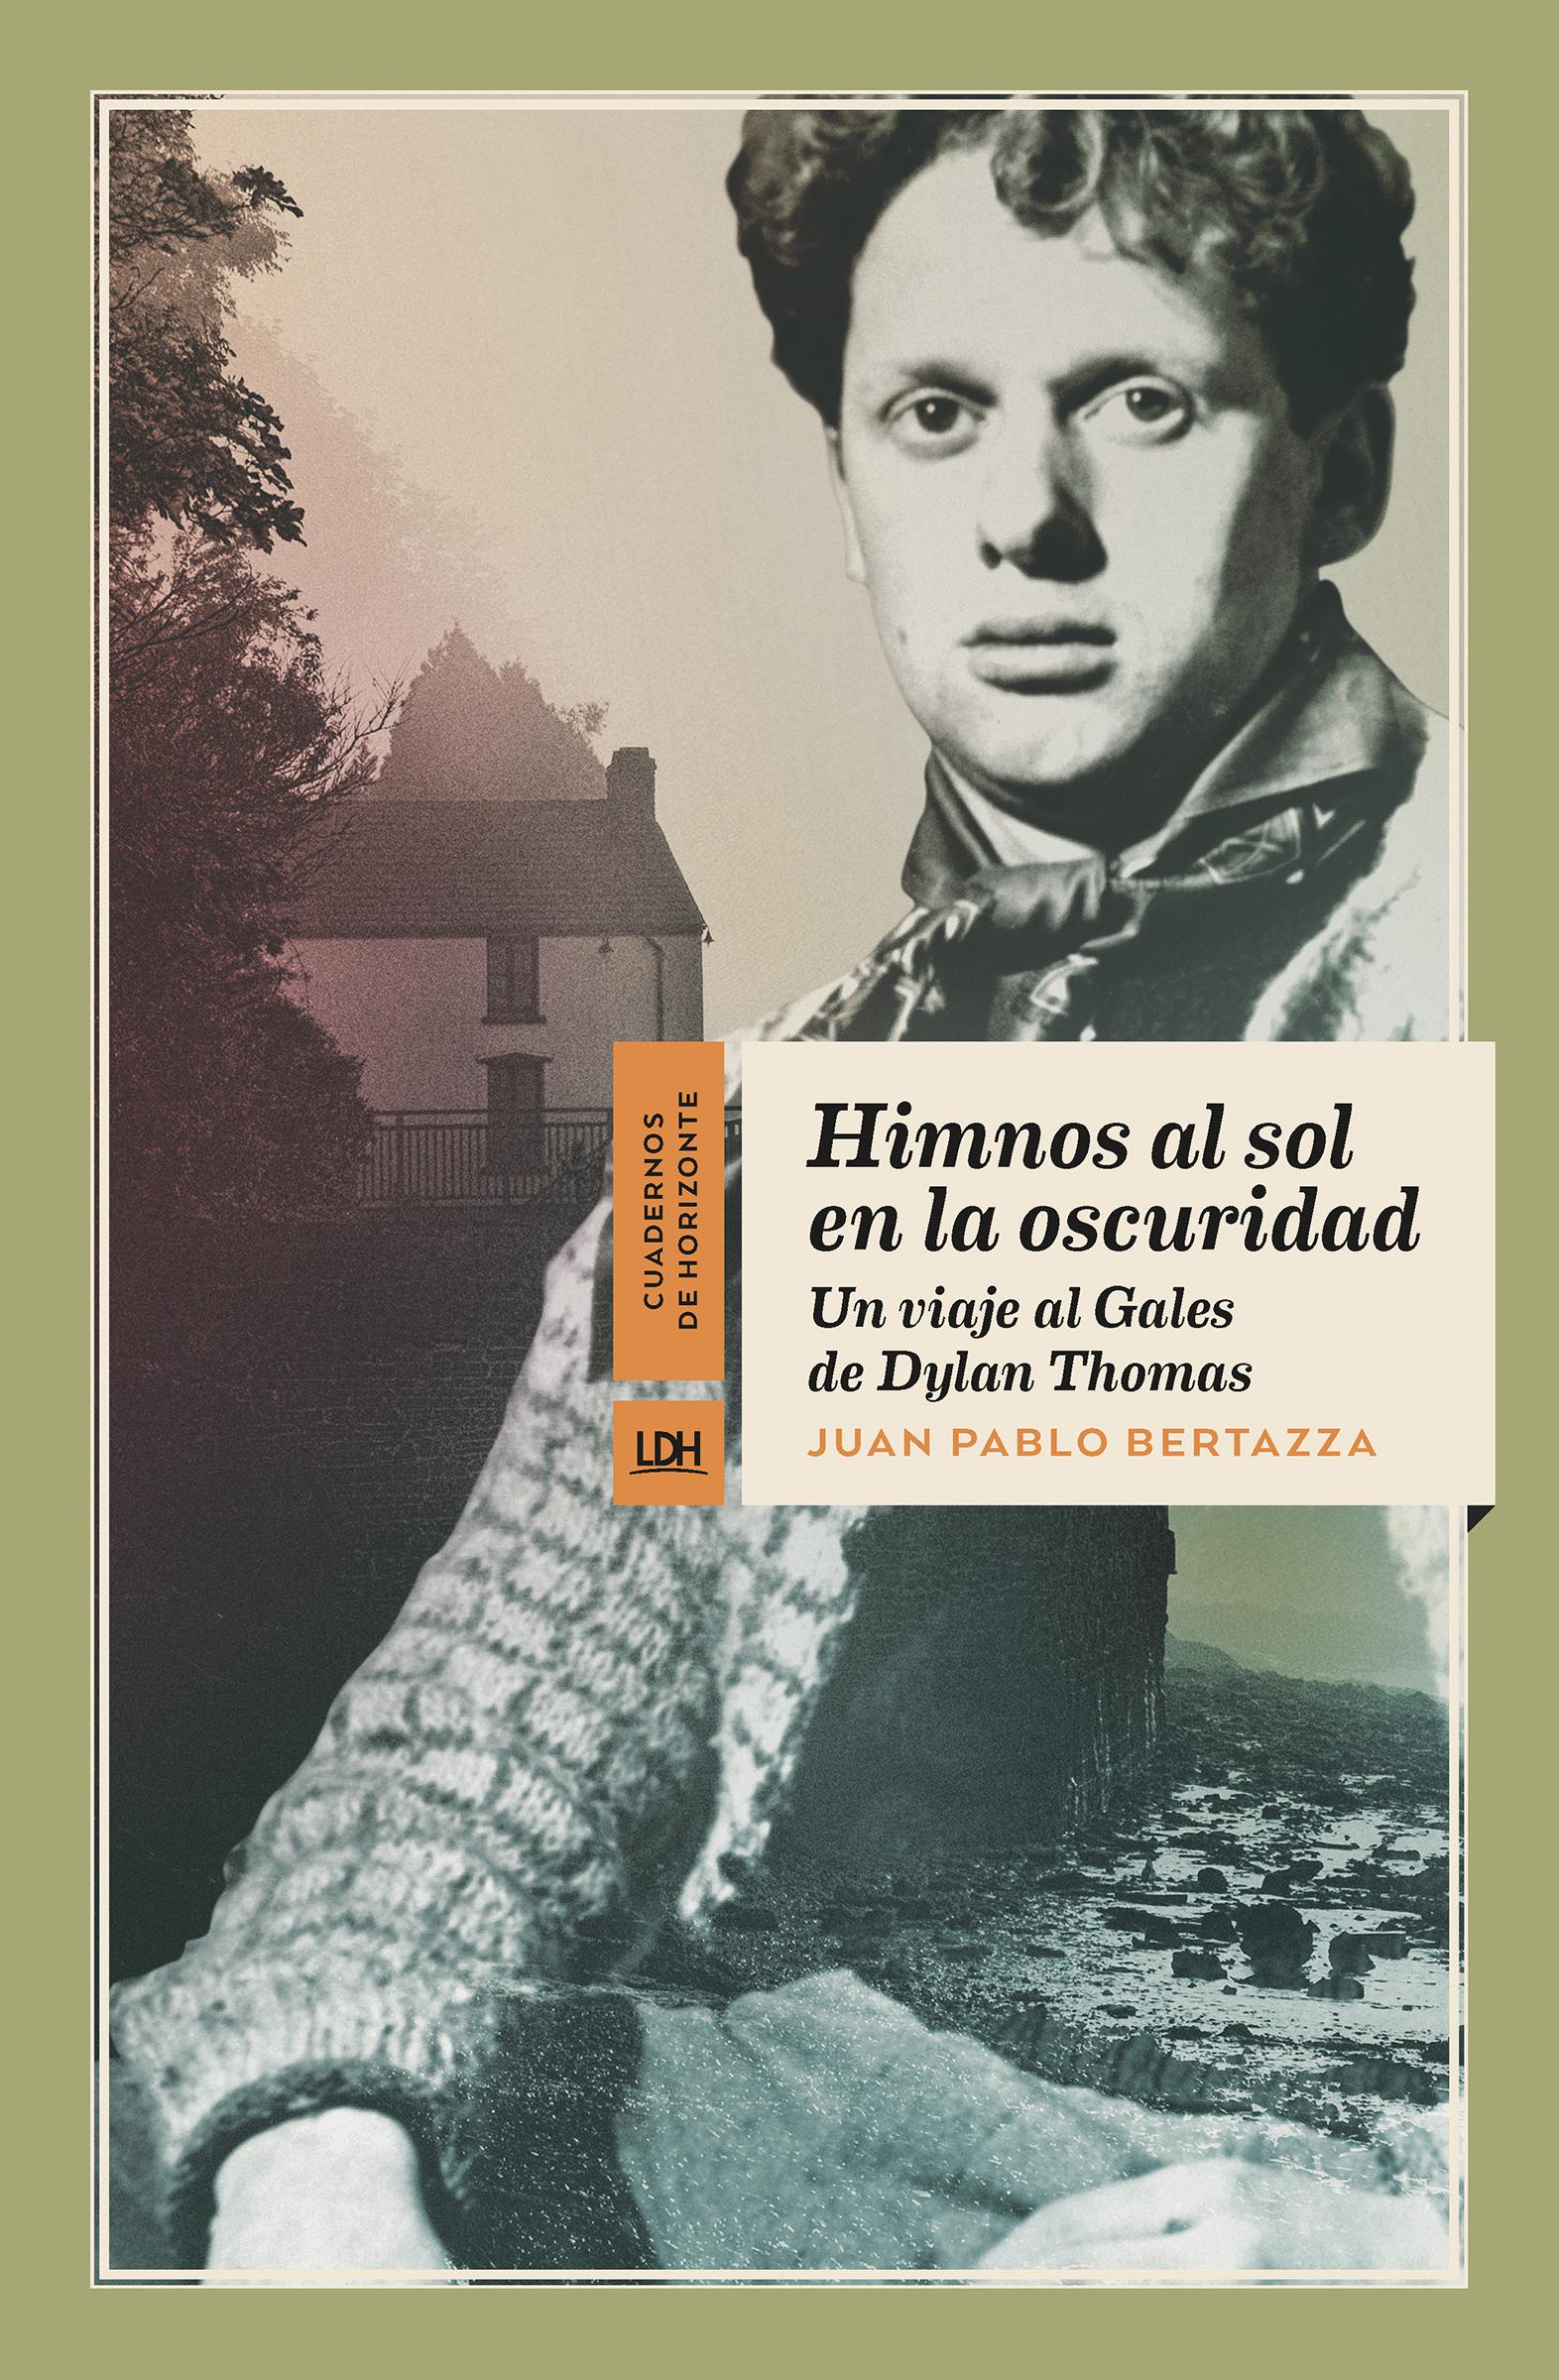 Himnos al sol en la oscuridad «Un viaje al Gales de Dylan Thomas»